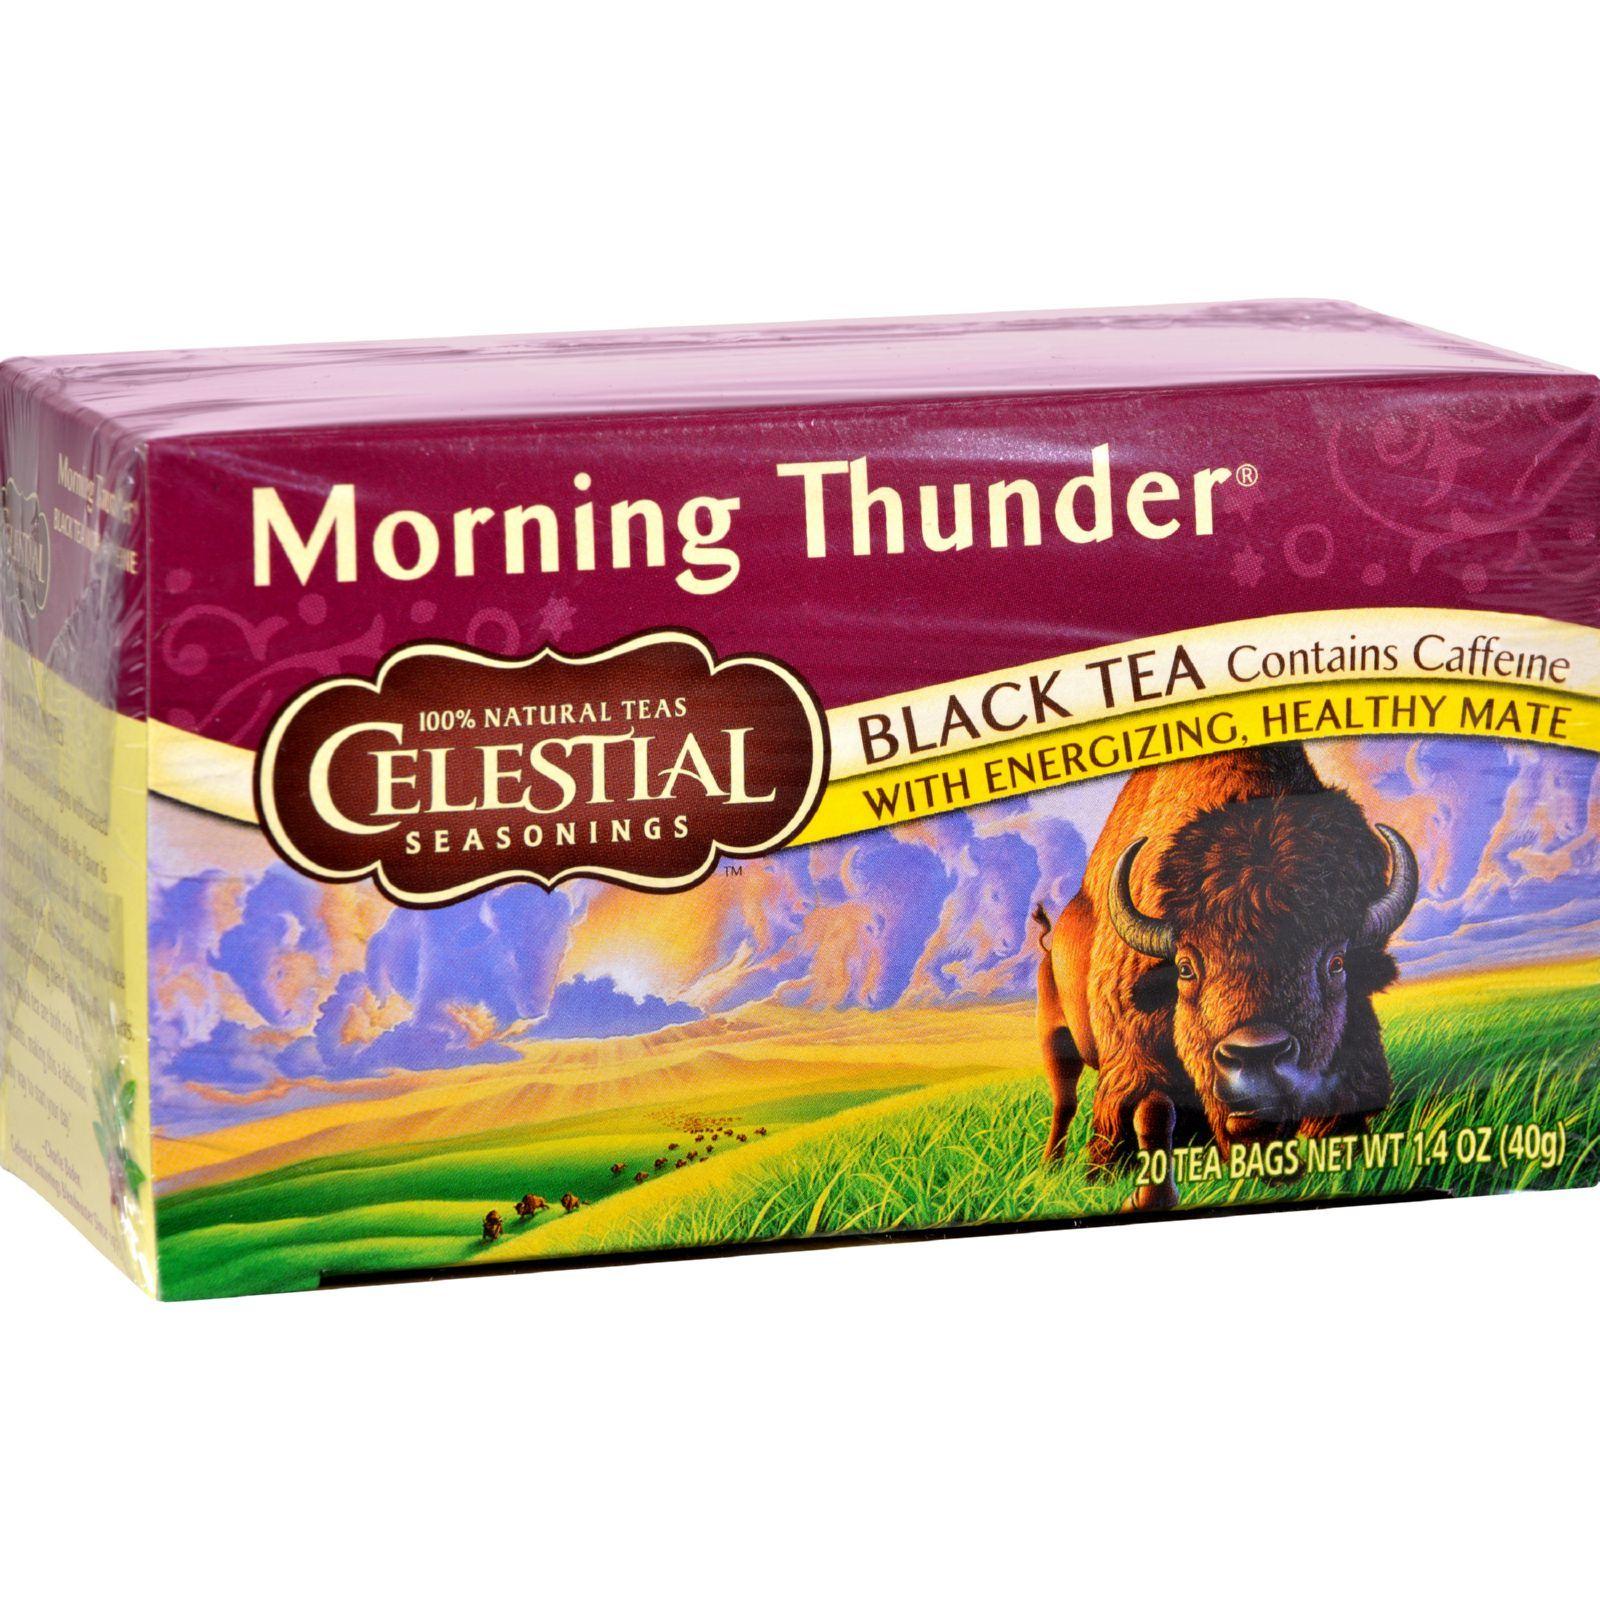 Celestial Seasonings Black Tea - Morning Thunder - 20 Bags